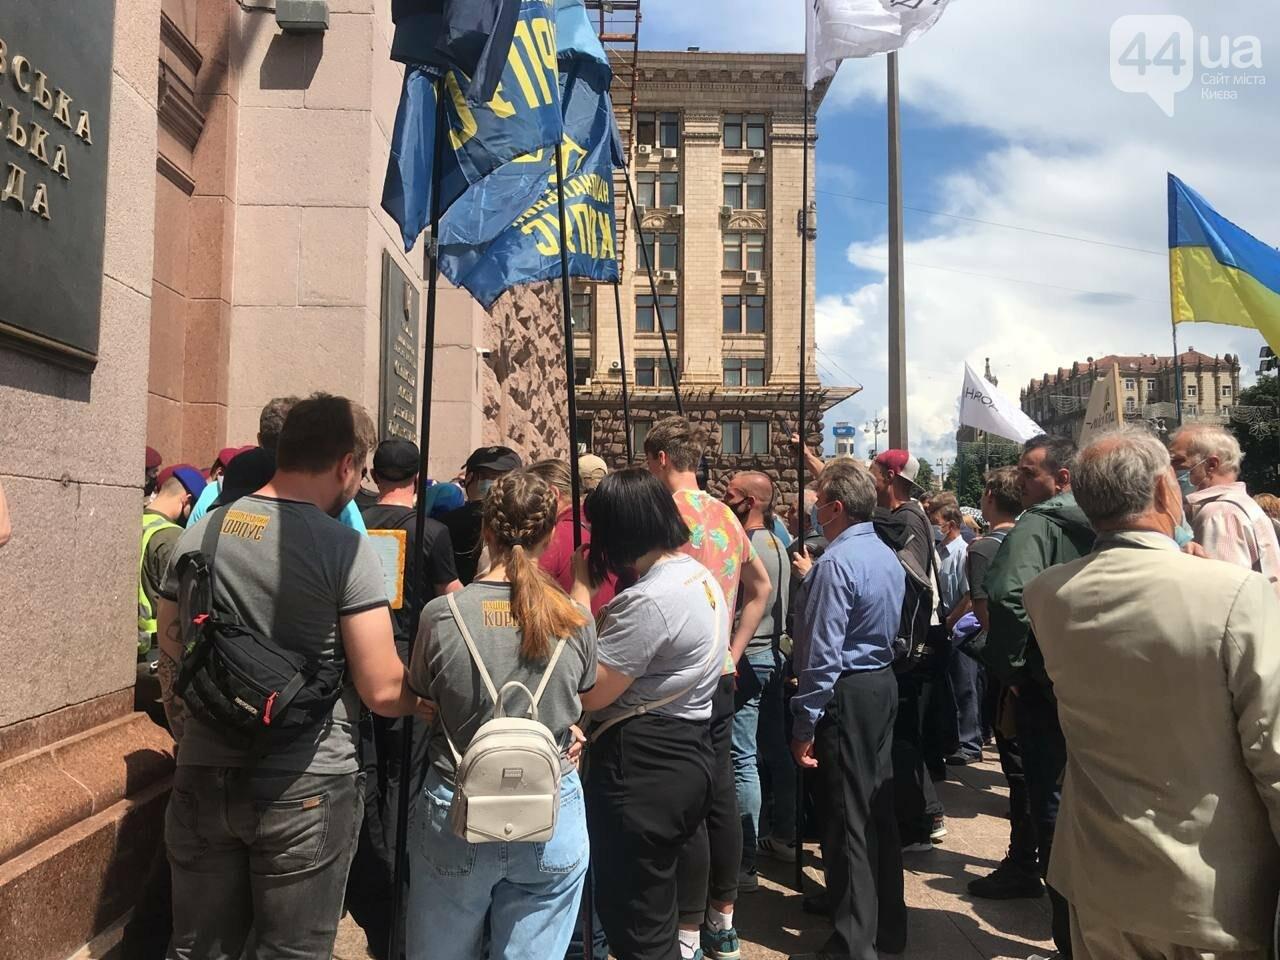 В Киеве митингующие начали штурм КГГА, Фото 44.ua